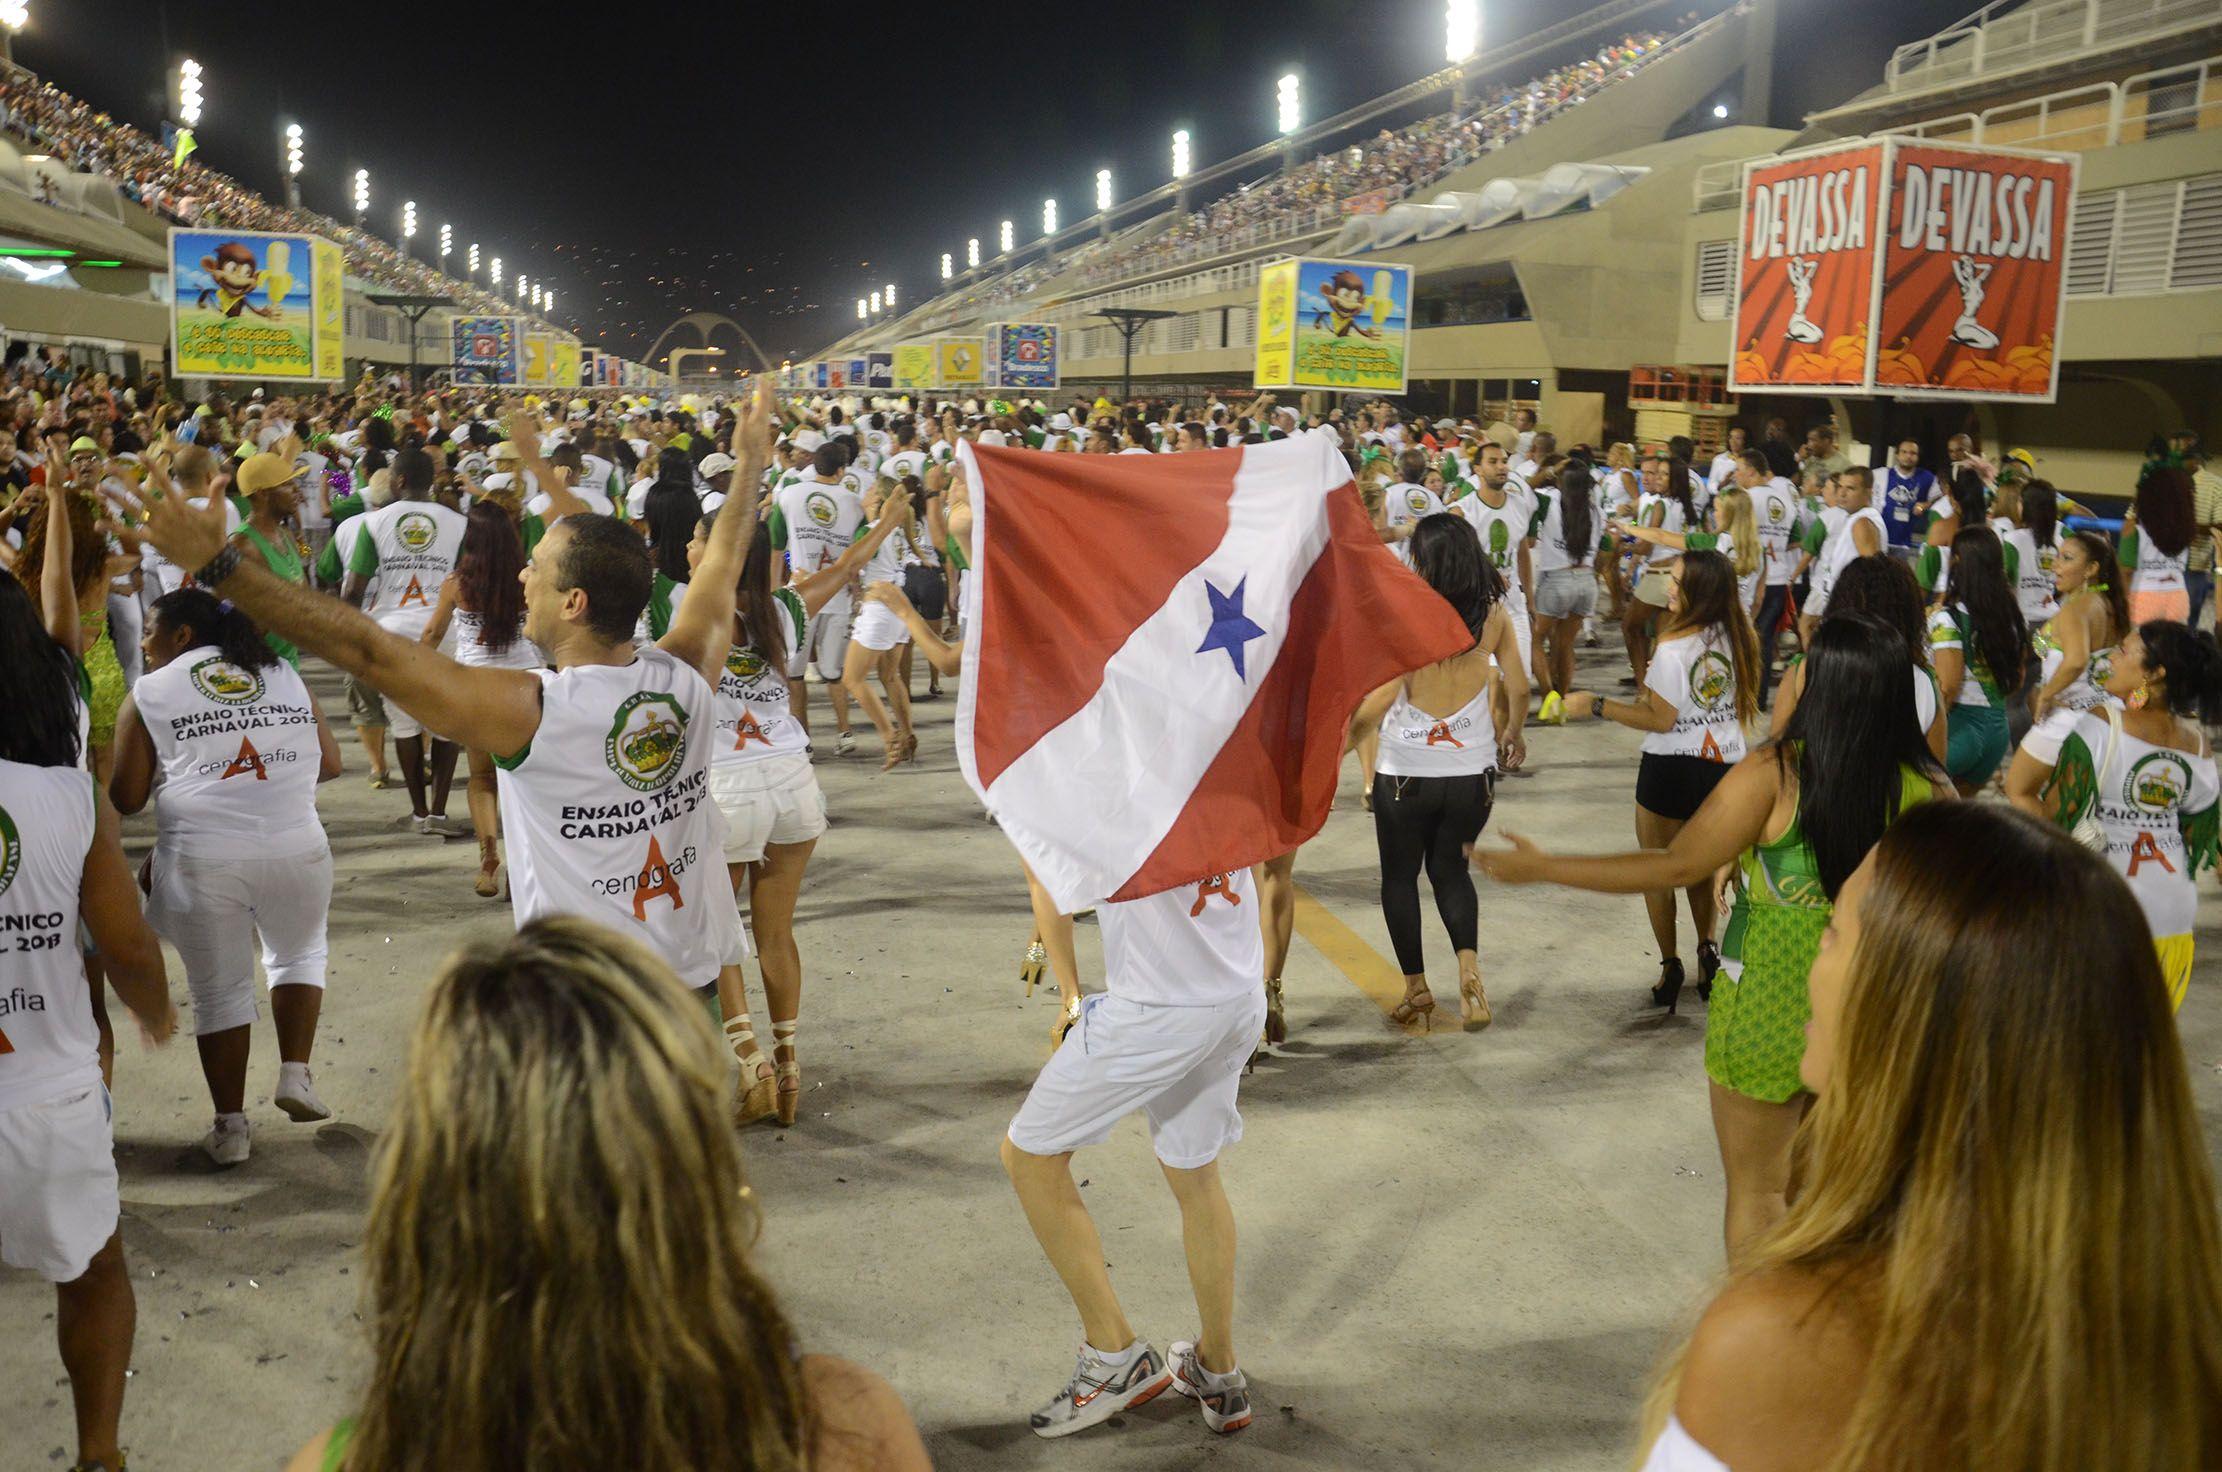 Carnaval 2013 - Imperatriz Leopoldinense - Ensaios Técnicos da Sapucaí - Foto: Alexandre Macieira|Riotur  | Rio Guia Oficial | www.rioguiaoficial.com.br